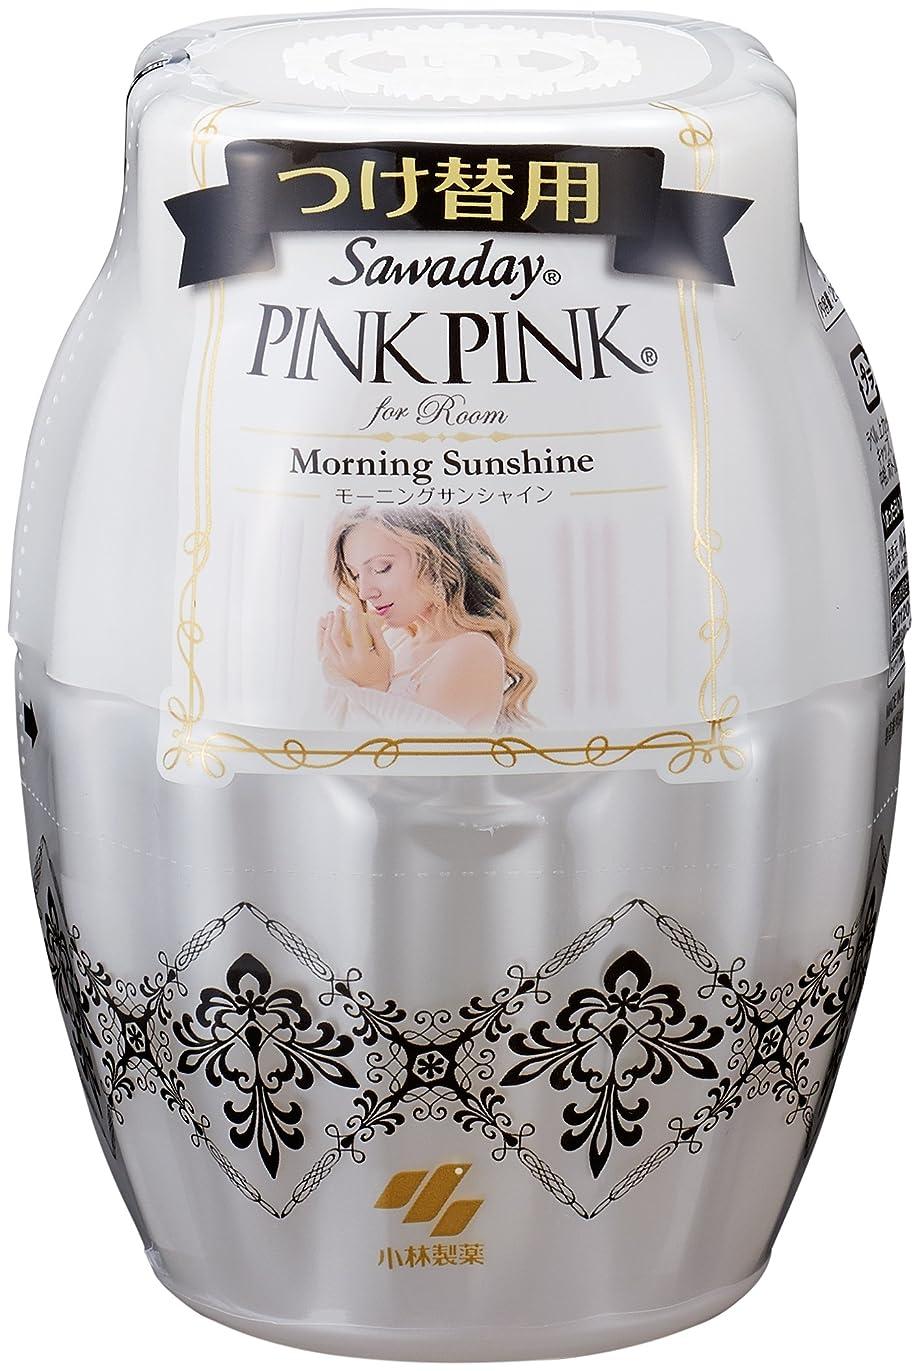 保護前置詞メタンサワデーピンクピンク 消臭芳香剤 部屋用 詰め替え用 モーニングサンシャイン 250ml